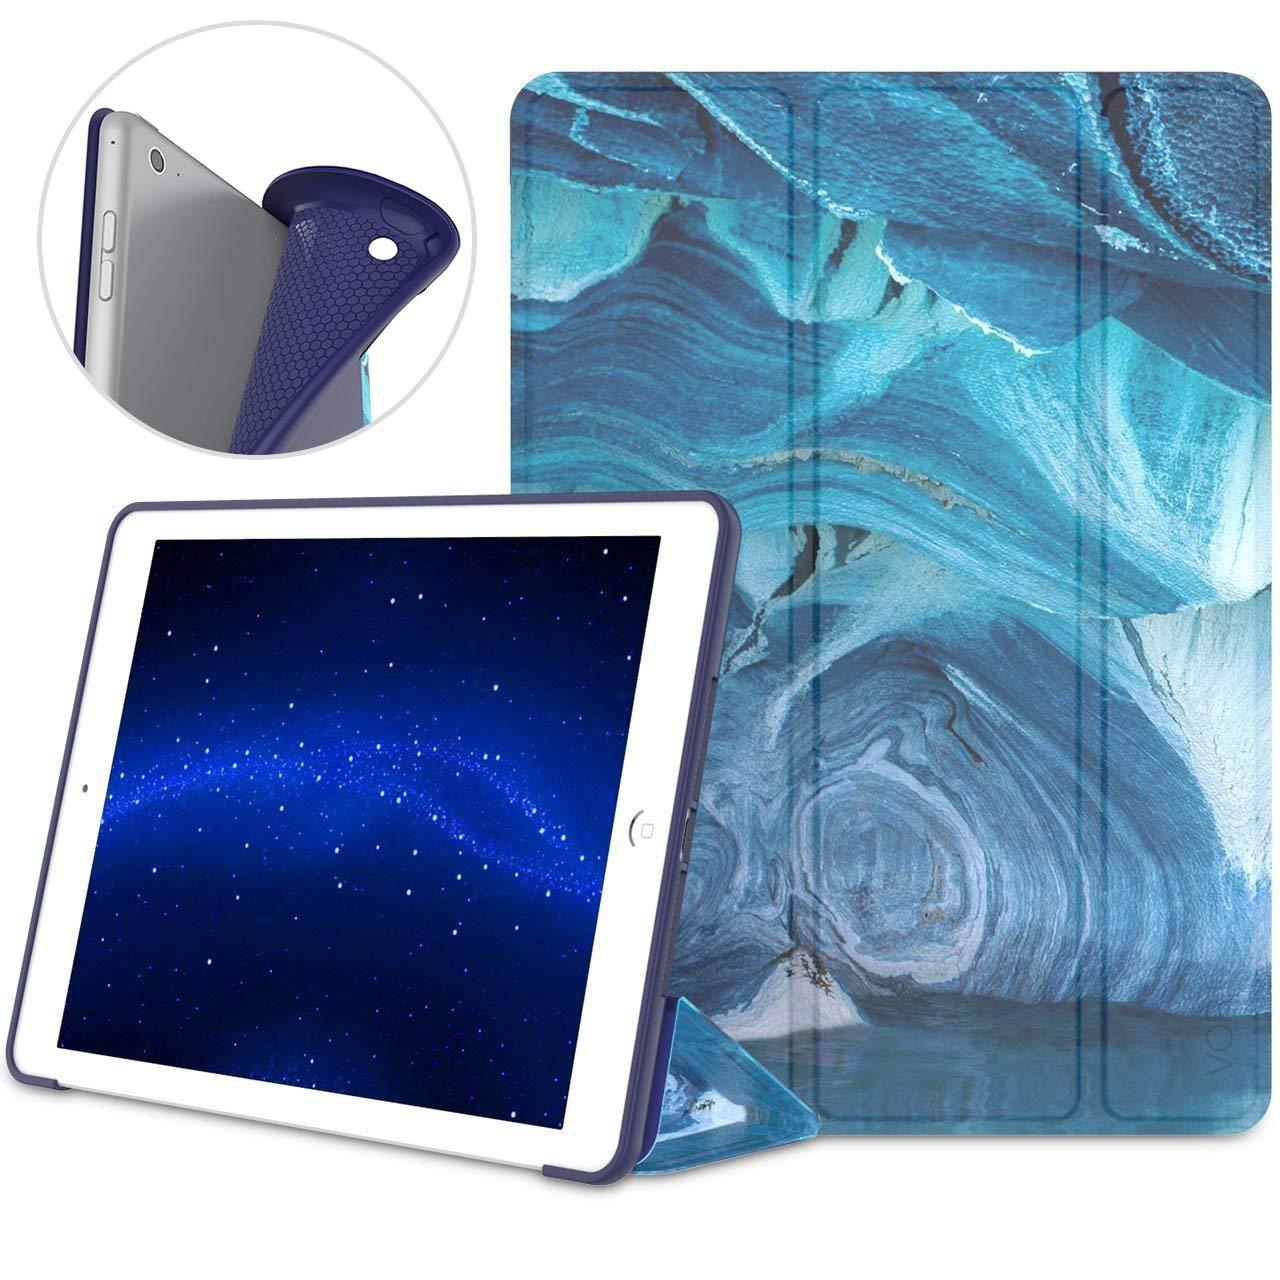 Vori iPad 9.7インチ2017ケース – 軽量スリムソフト柔軟TpuバックスマートStanding自動ウェイク/スリープ機能付きケースカバーfor Apple iPad 9.7